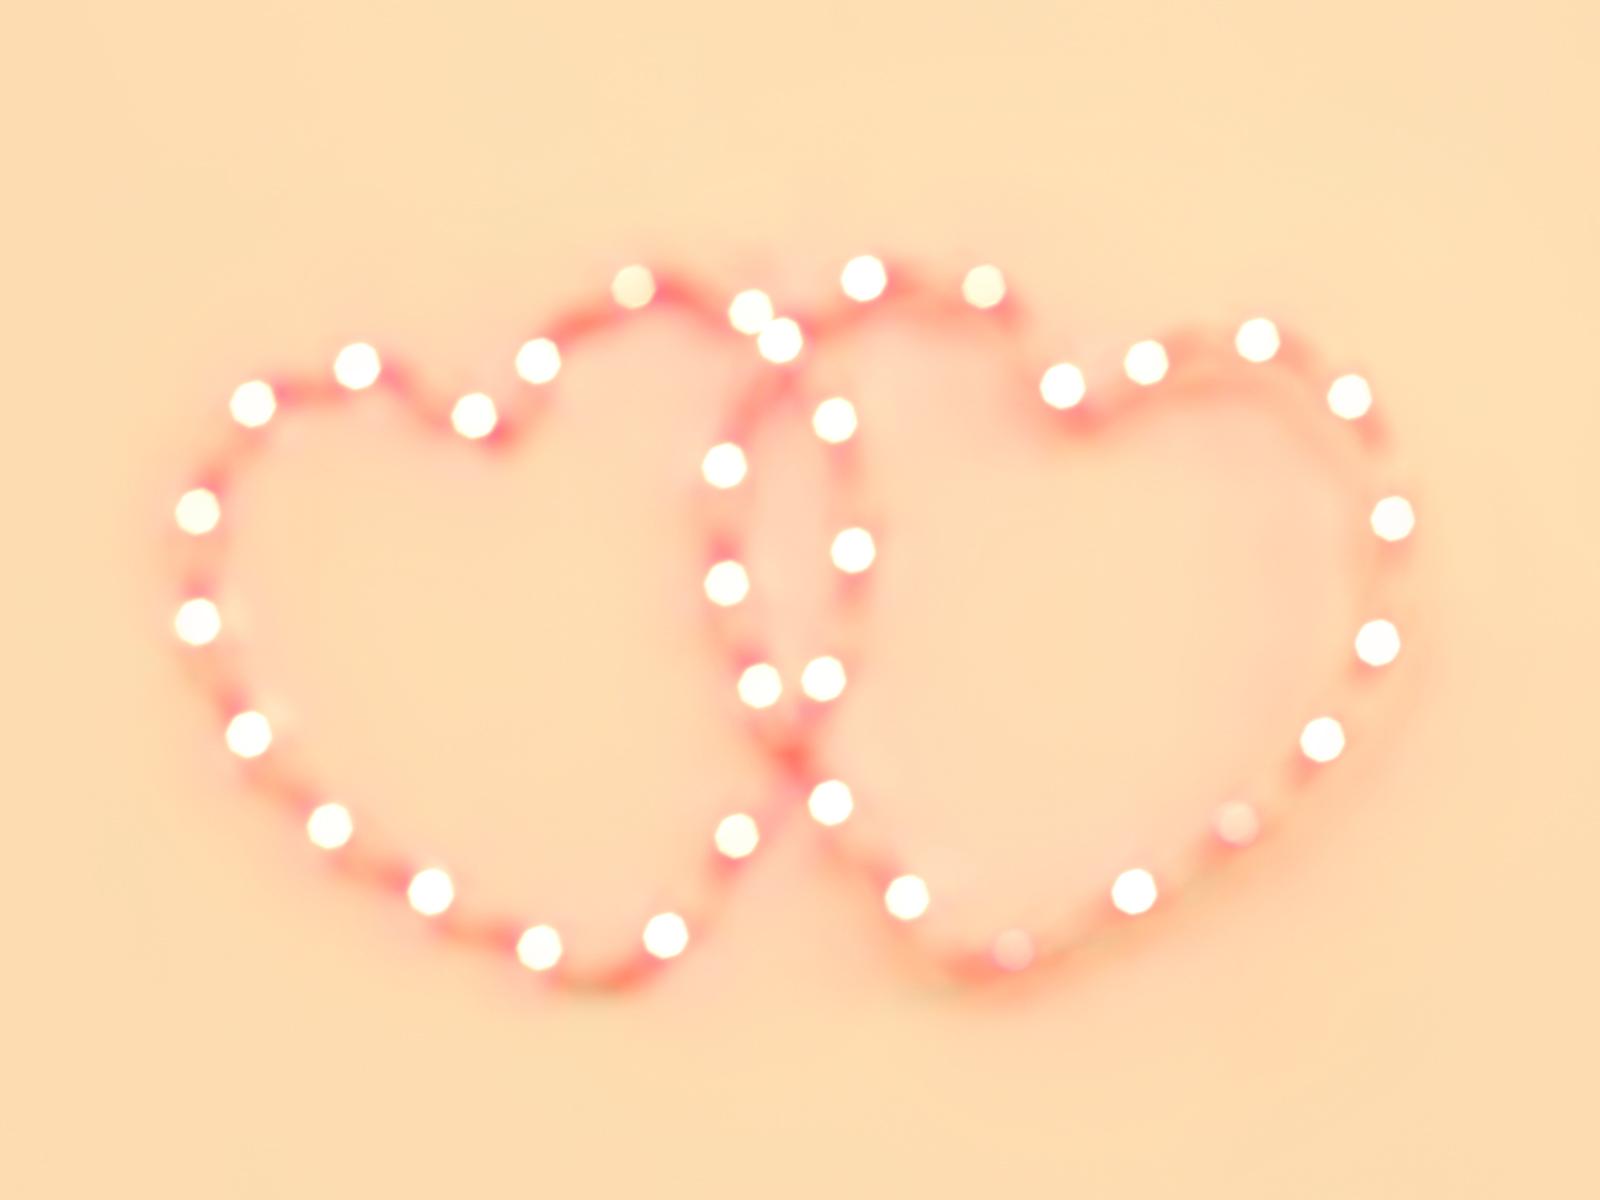 http://1.bp.blogspot.com/_gNKspf9e4ns/TUMwSxSMkrI/AAAAAAAACnw/qMmiVjGvkp0/s1600/Soft_Pink_Hearts_Wallpaper_VDAY.jpg